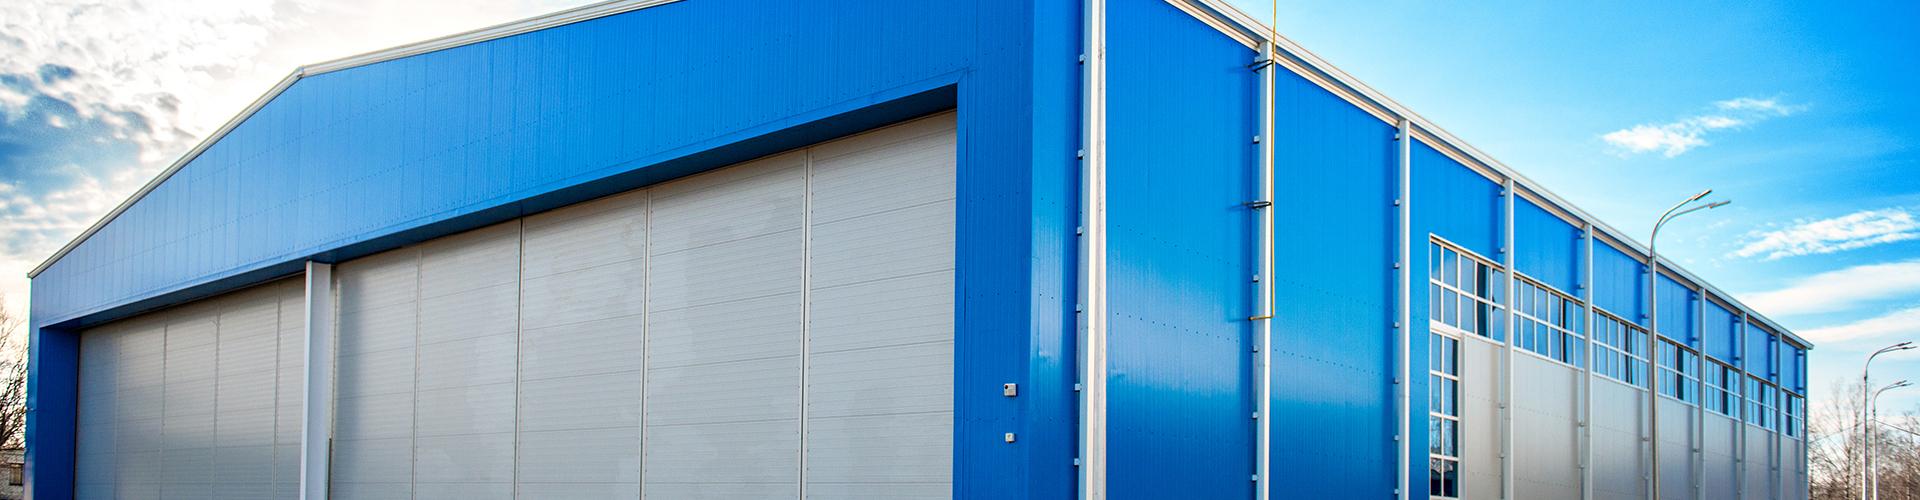 Строительство быстровозводимых зданий промышленного и коммерческого назначения.